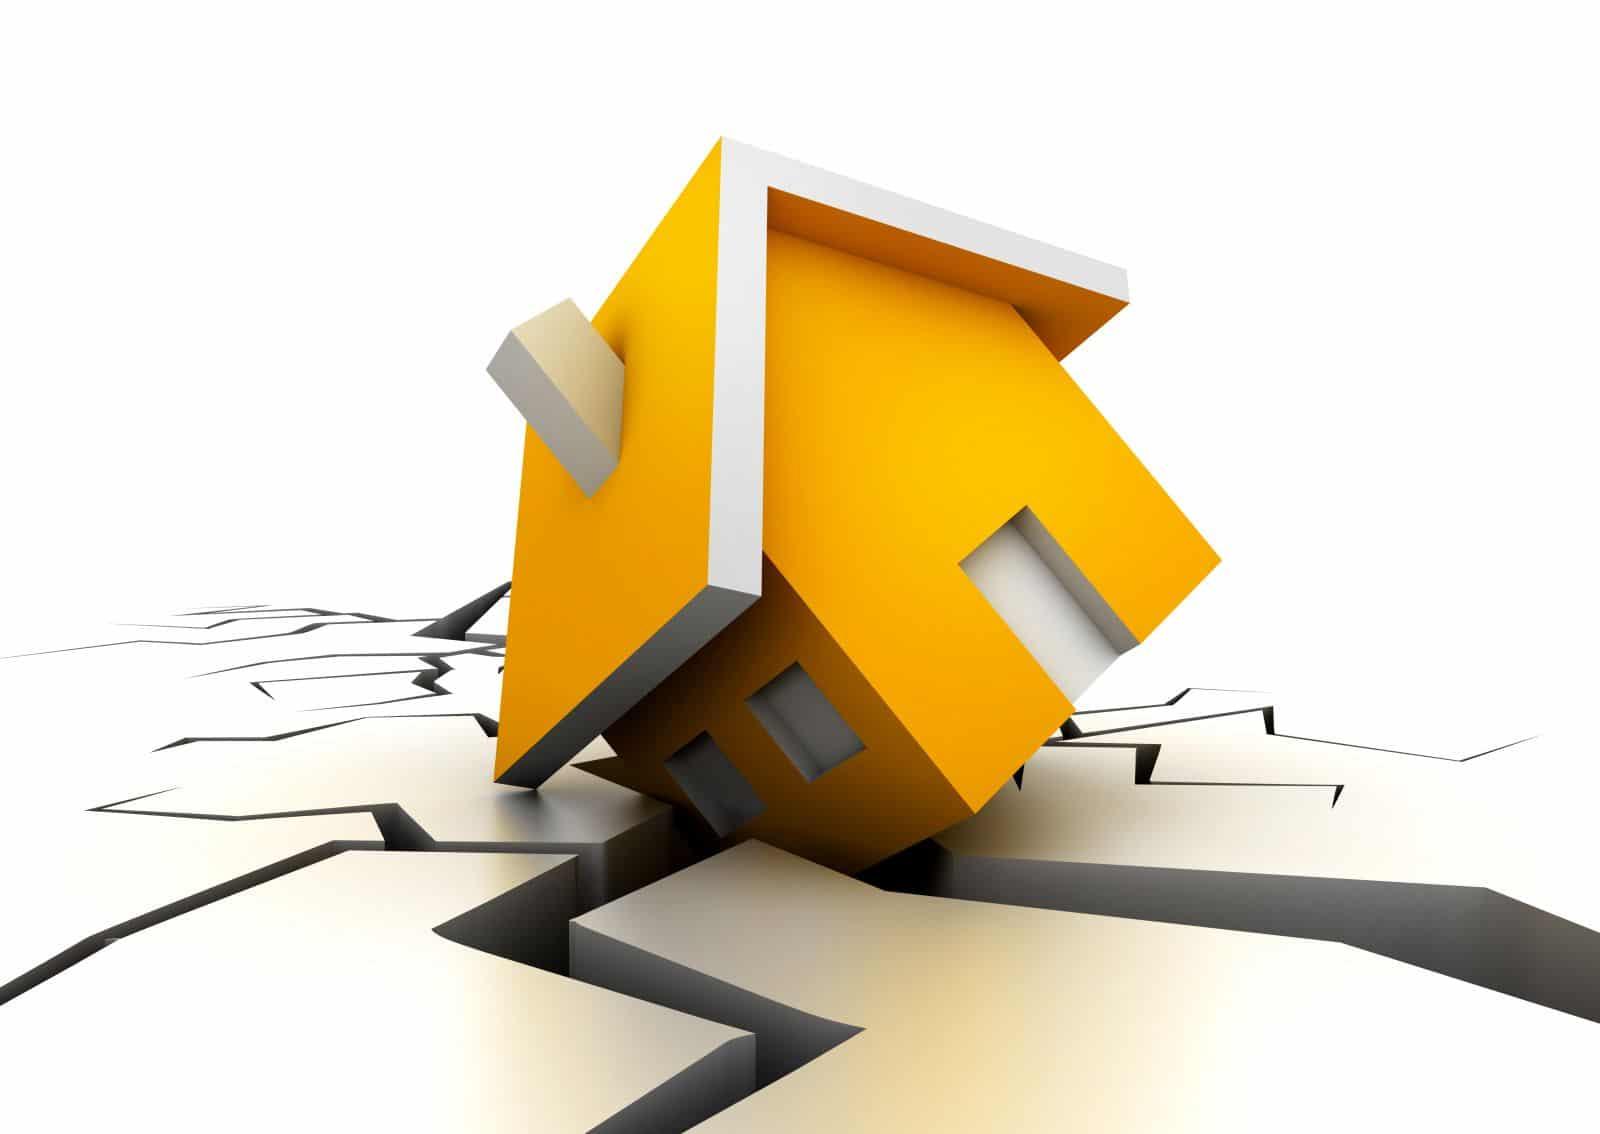 Immobilier à Saclay : quels sont les prix chez les meilleures agences ?